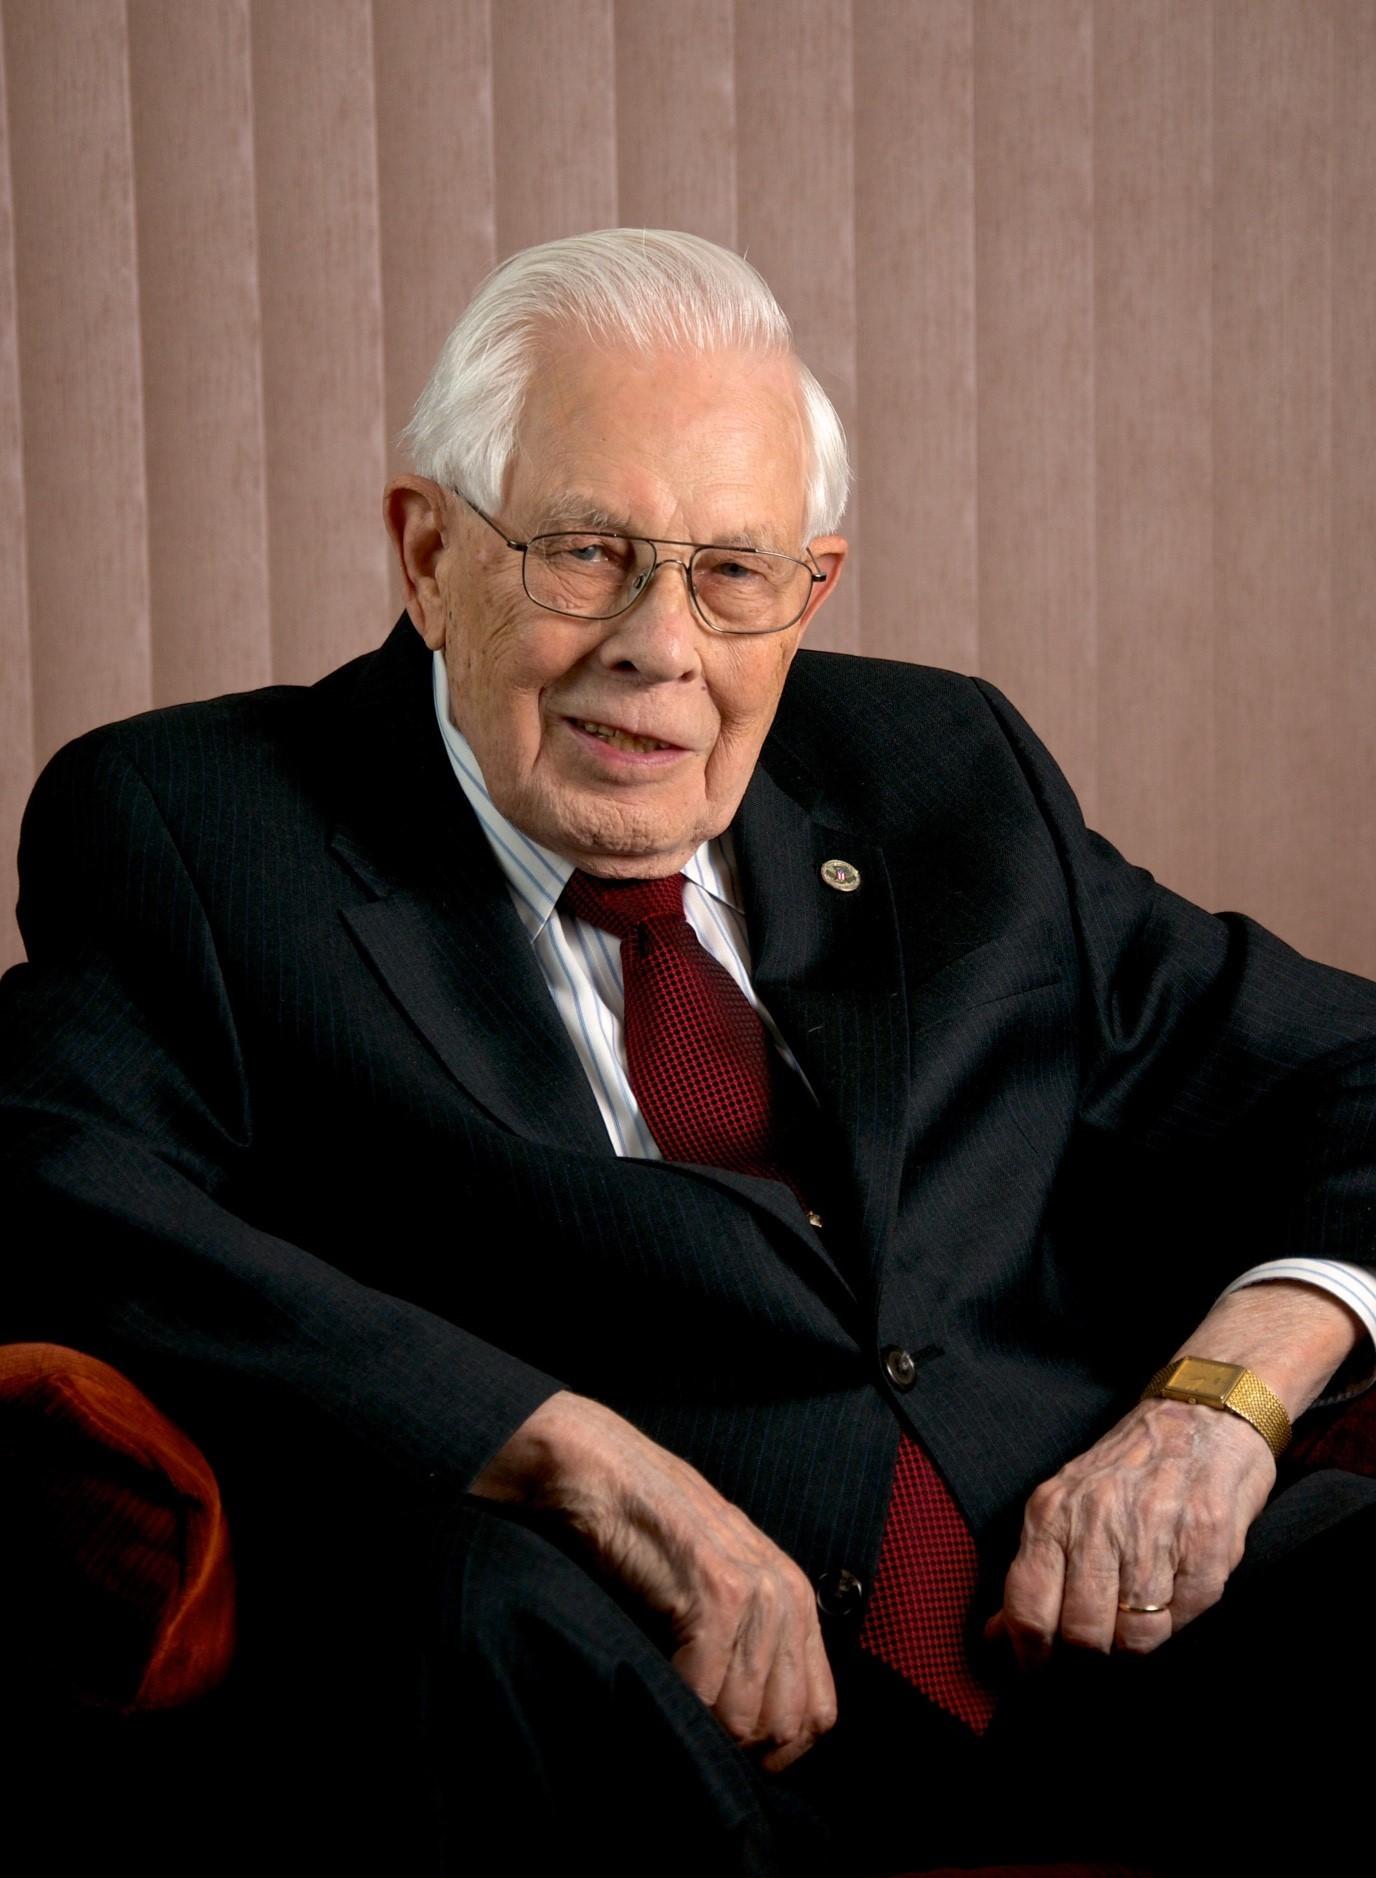 Aldon D. Nielsen